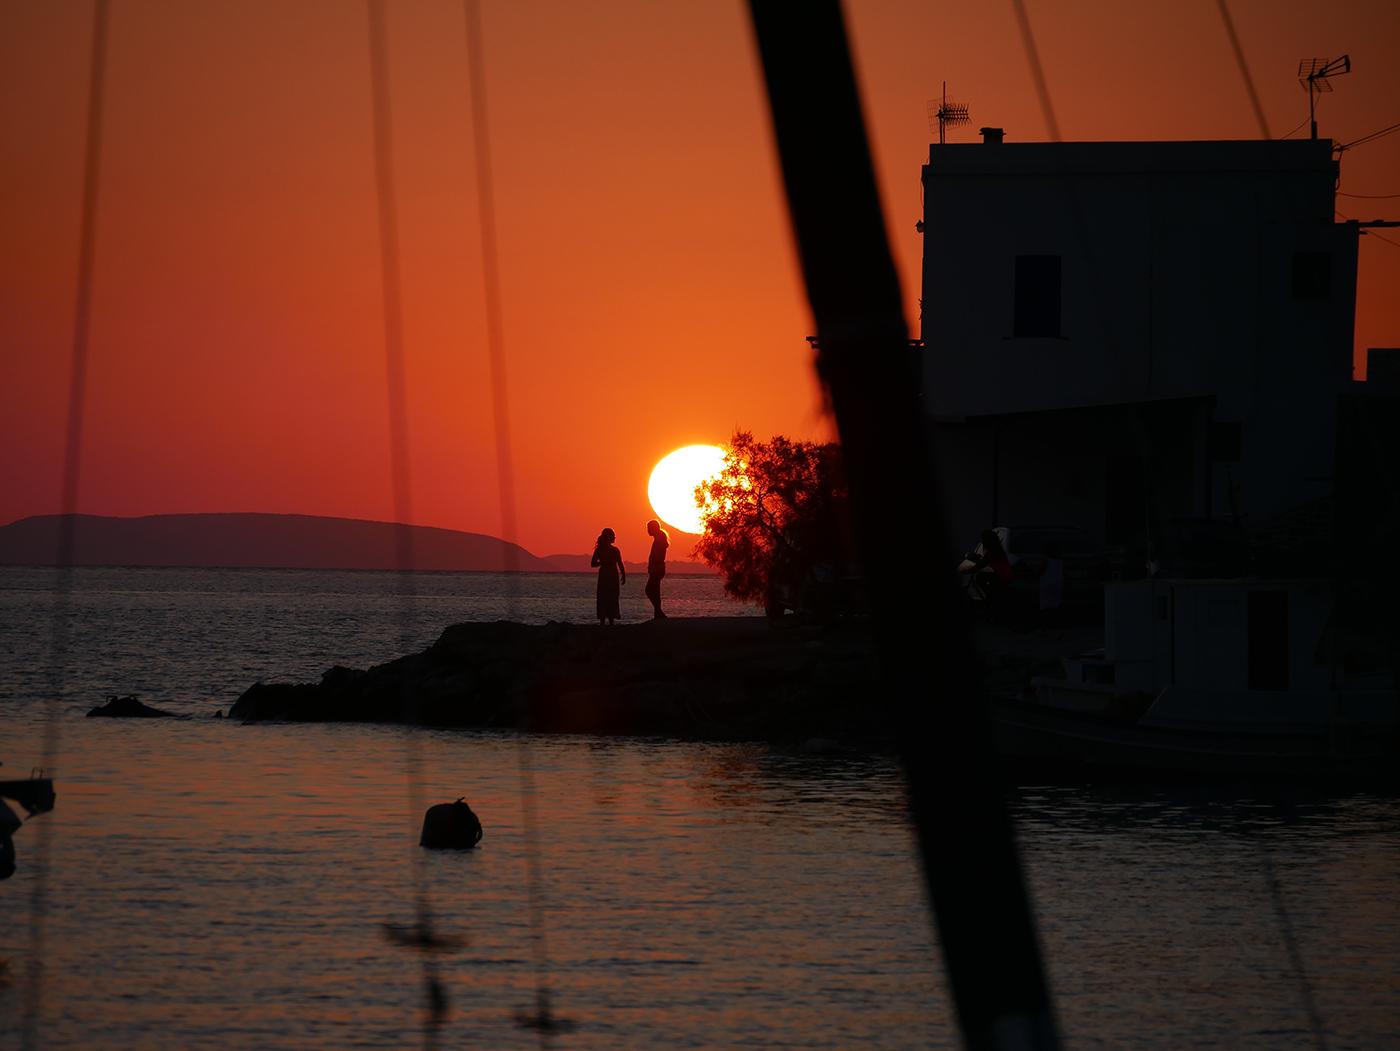 Romantische sfeer tijdens mooie zonsondergang op Amorgos